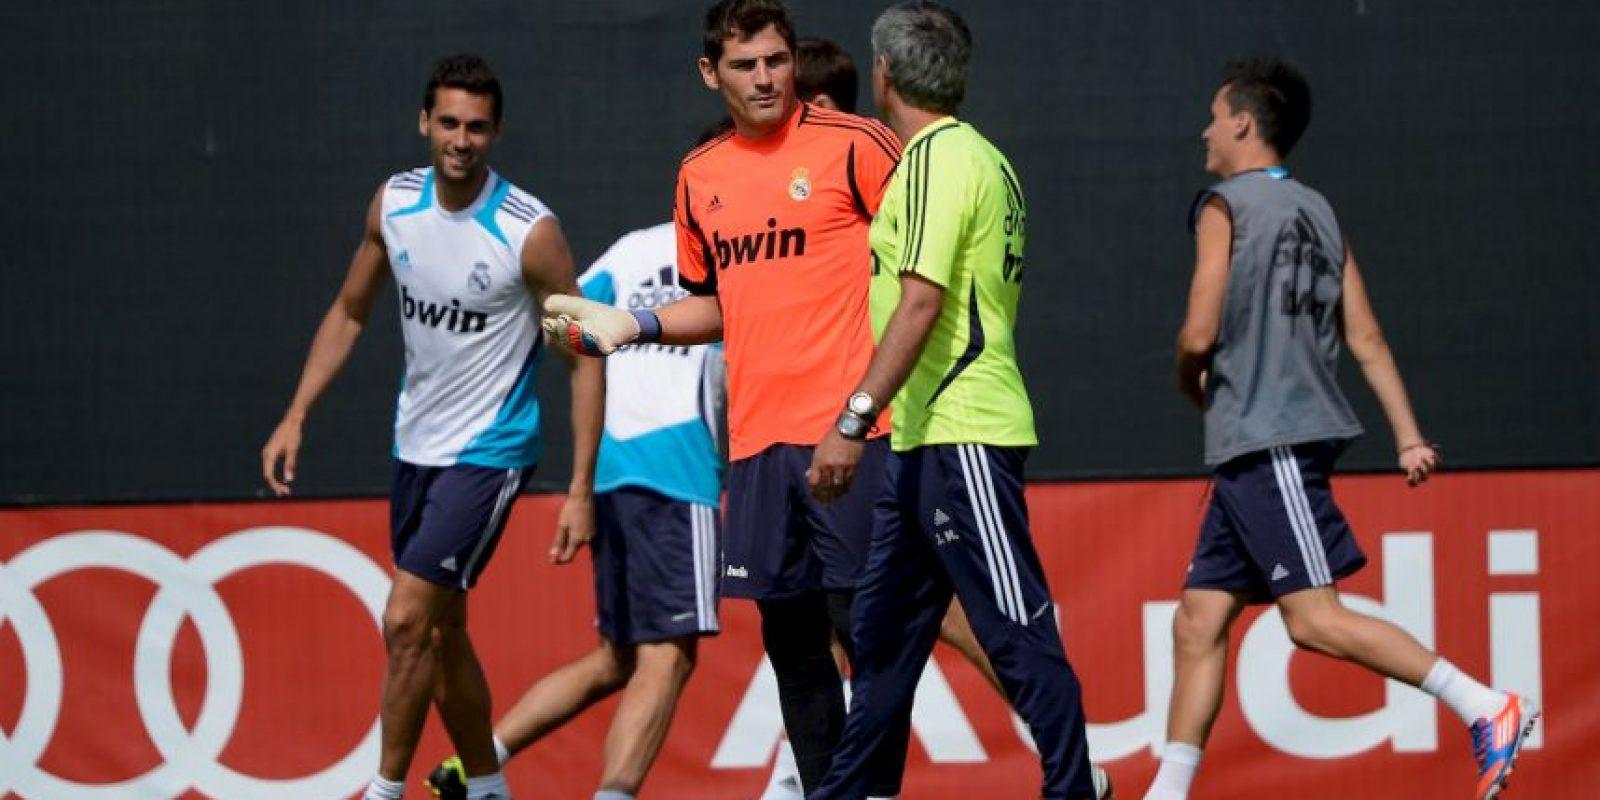 Cuando Mourinho se fue a Chelsea en 2013, con el vestidor muy dividido, llegó Carlo Ancelotti quien volvió a confiar en Casillas y le dio la titularidad. Foto:Getty Images